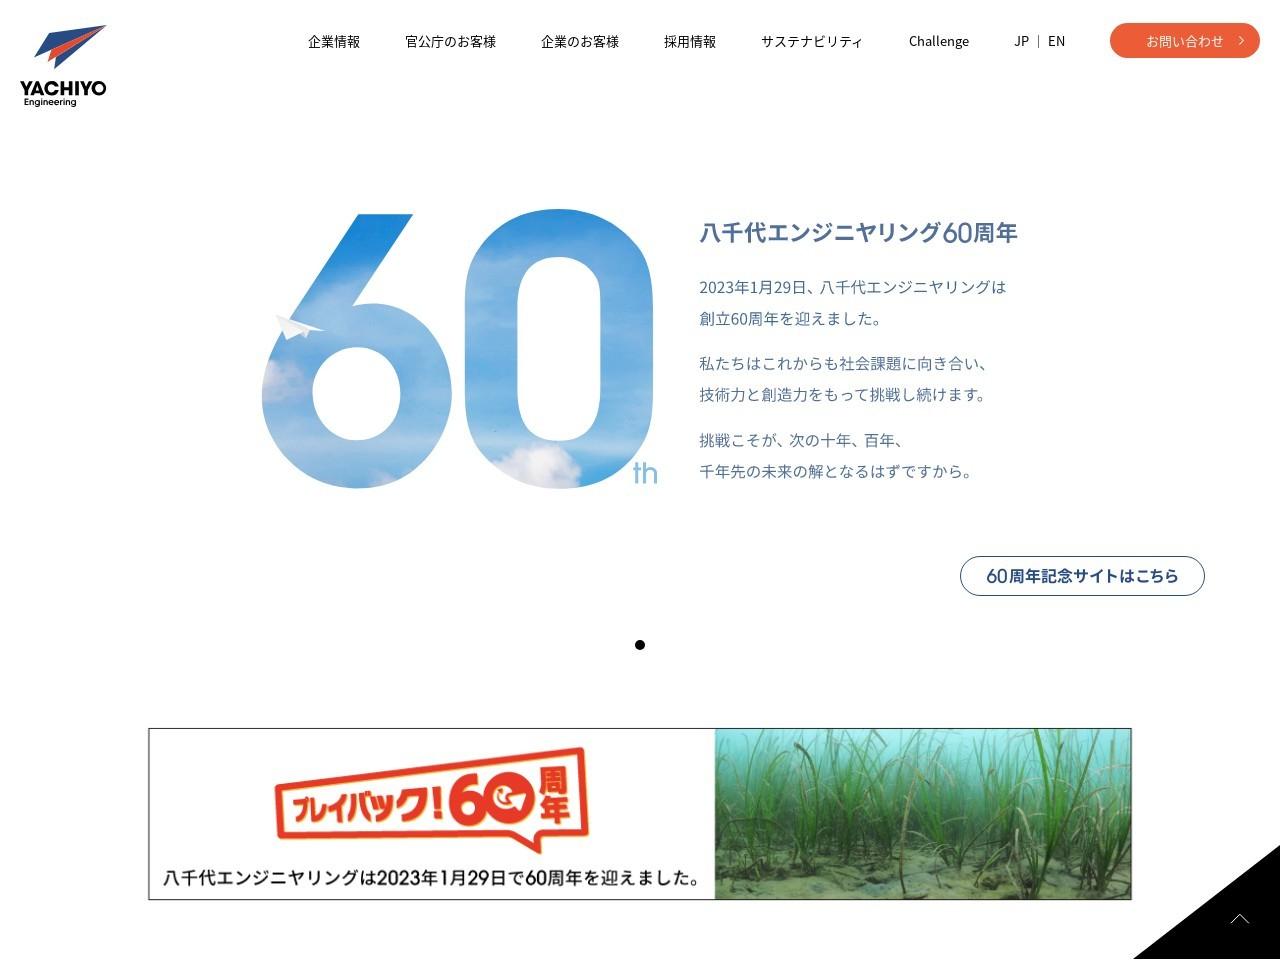 八千代エンジニヤリング株式会社/本店